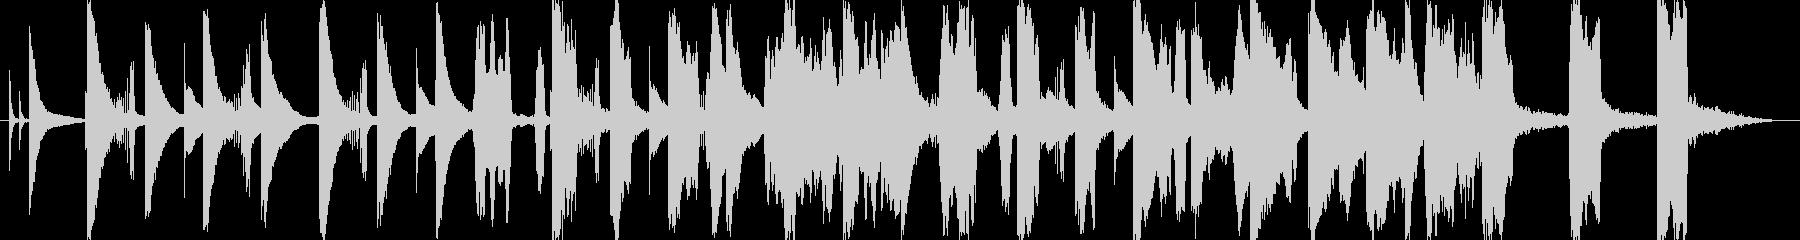 かわいい15秒CM楽曲。の未再生の波形